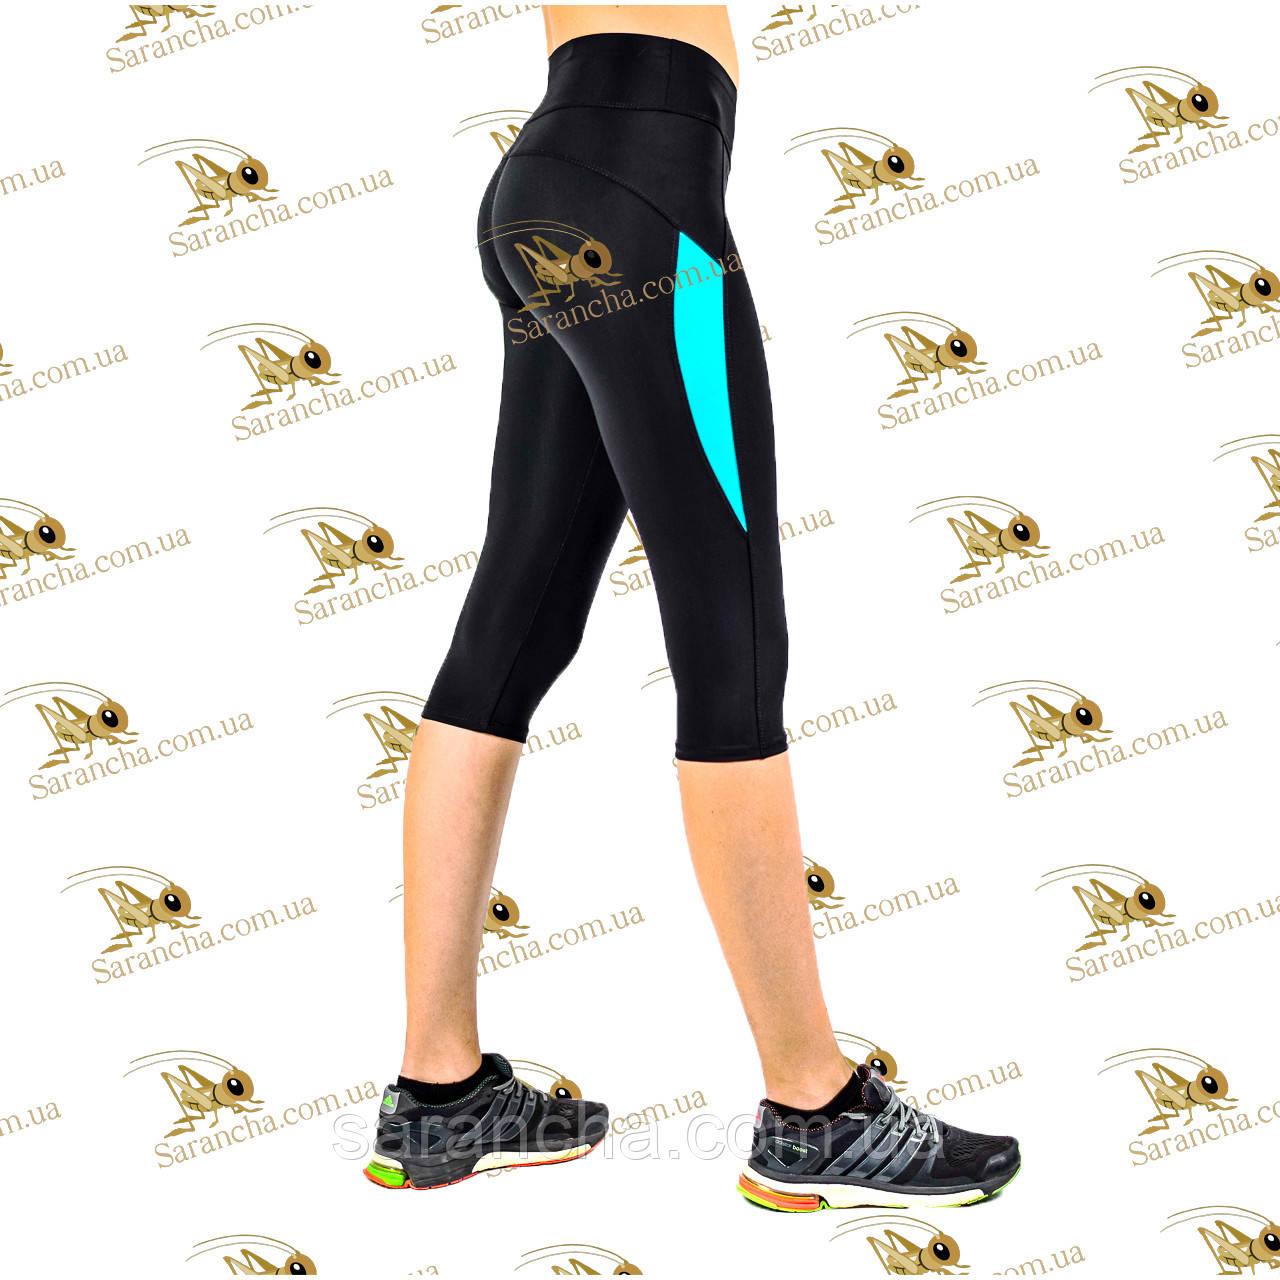 Женские спортивные бриджи черный со вставками бирюза